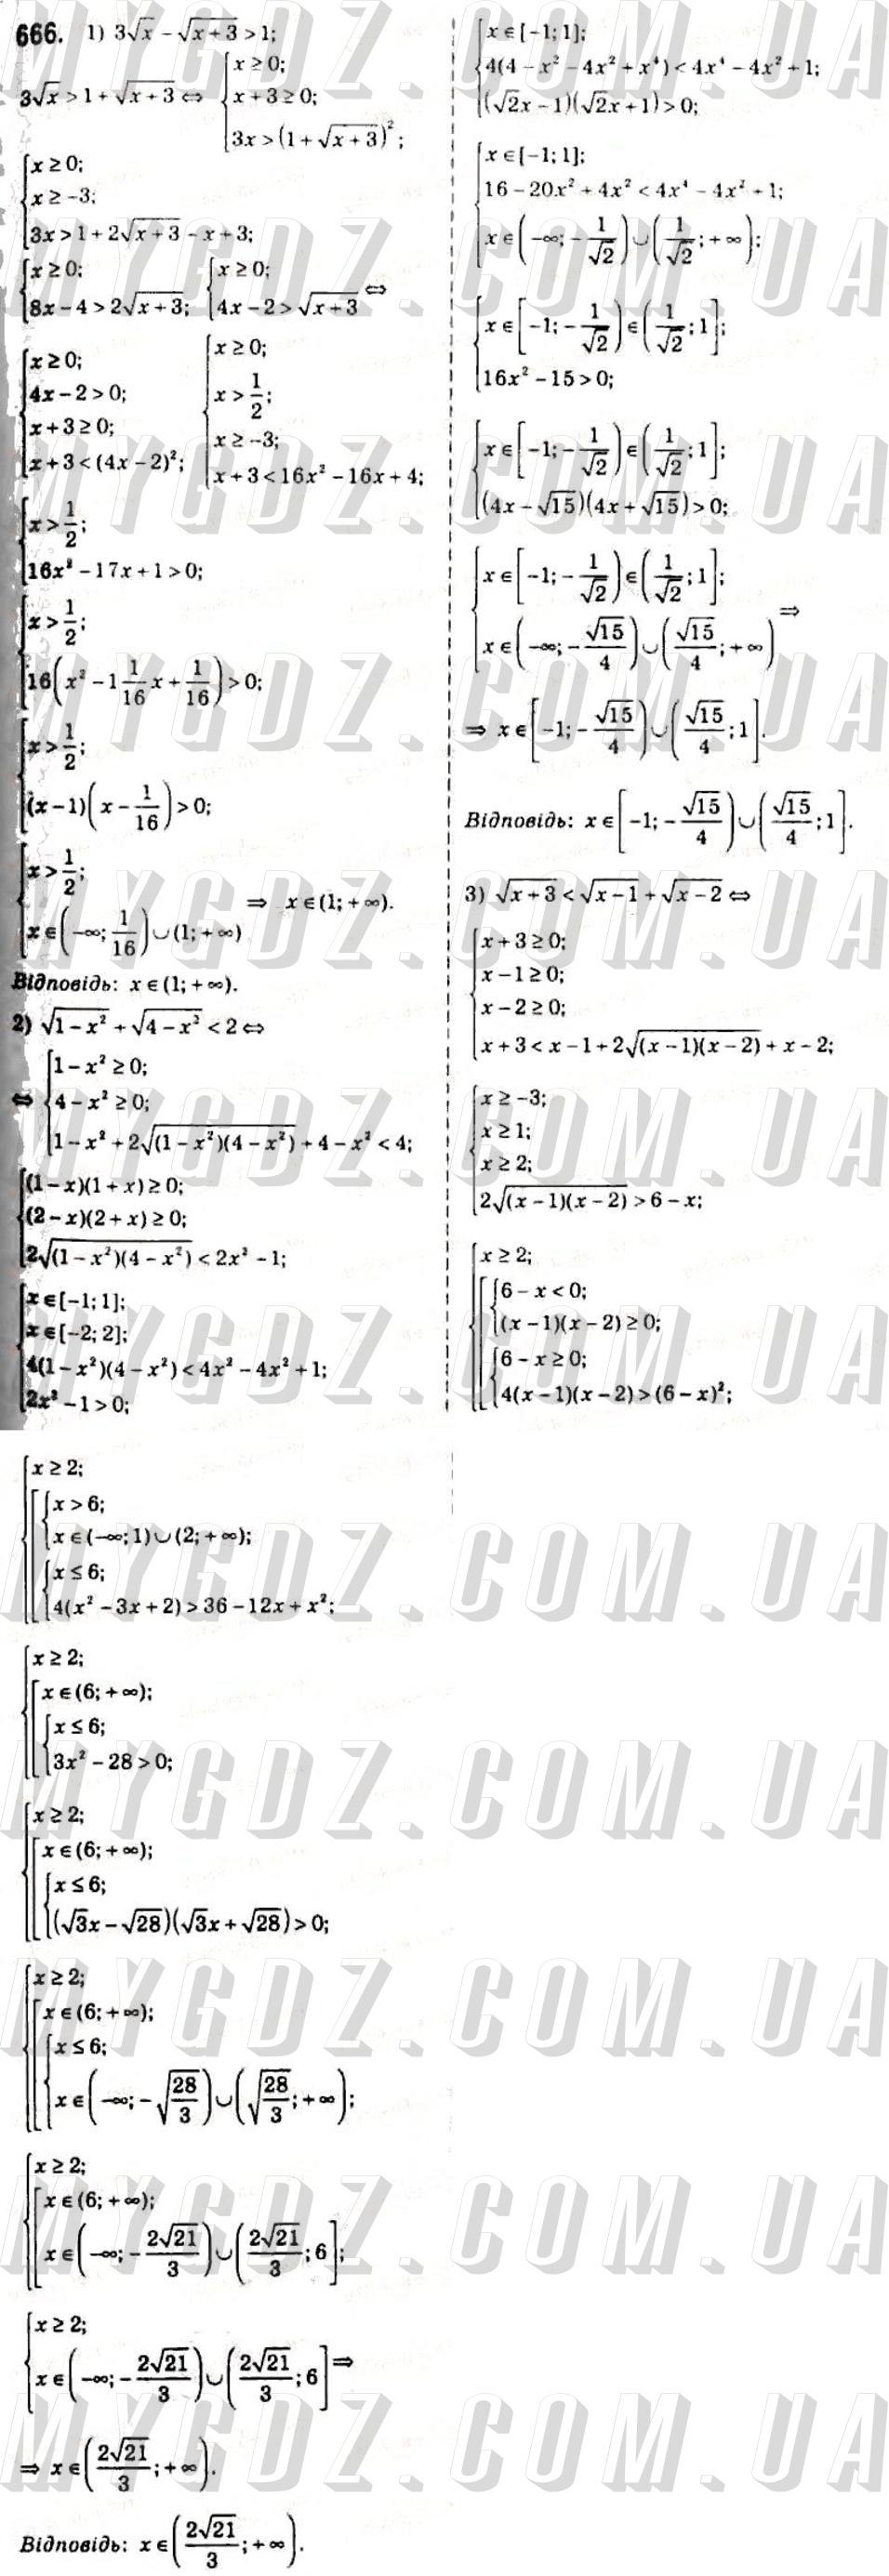 ГДЗ номер 666 2010 Мерзляк, Номіровський 10 клас